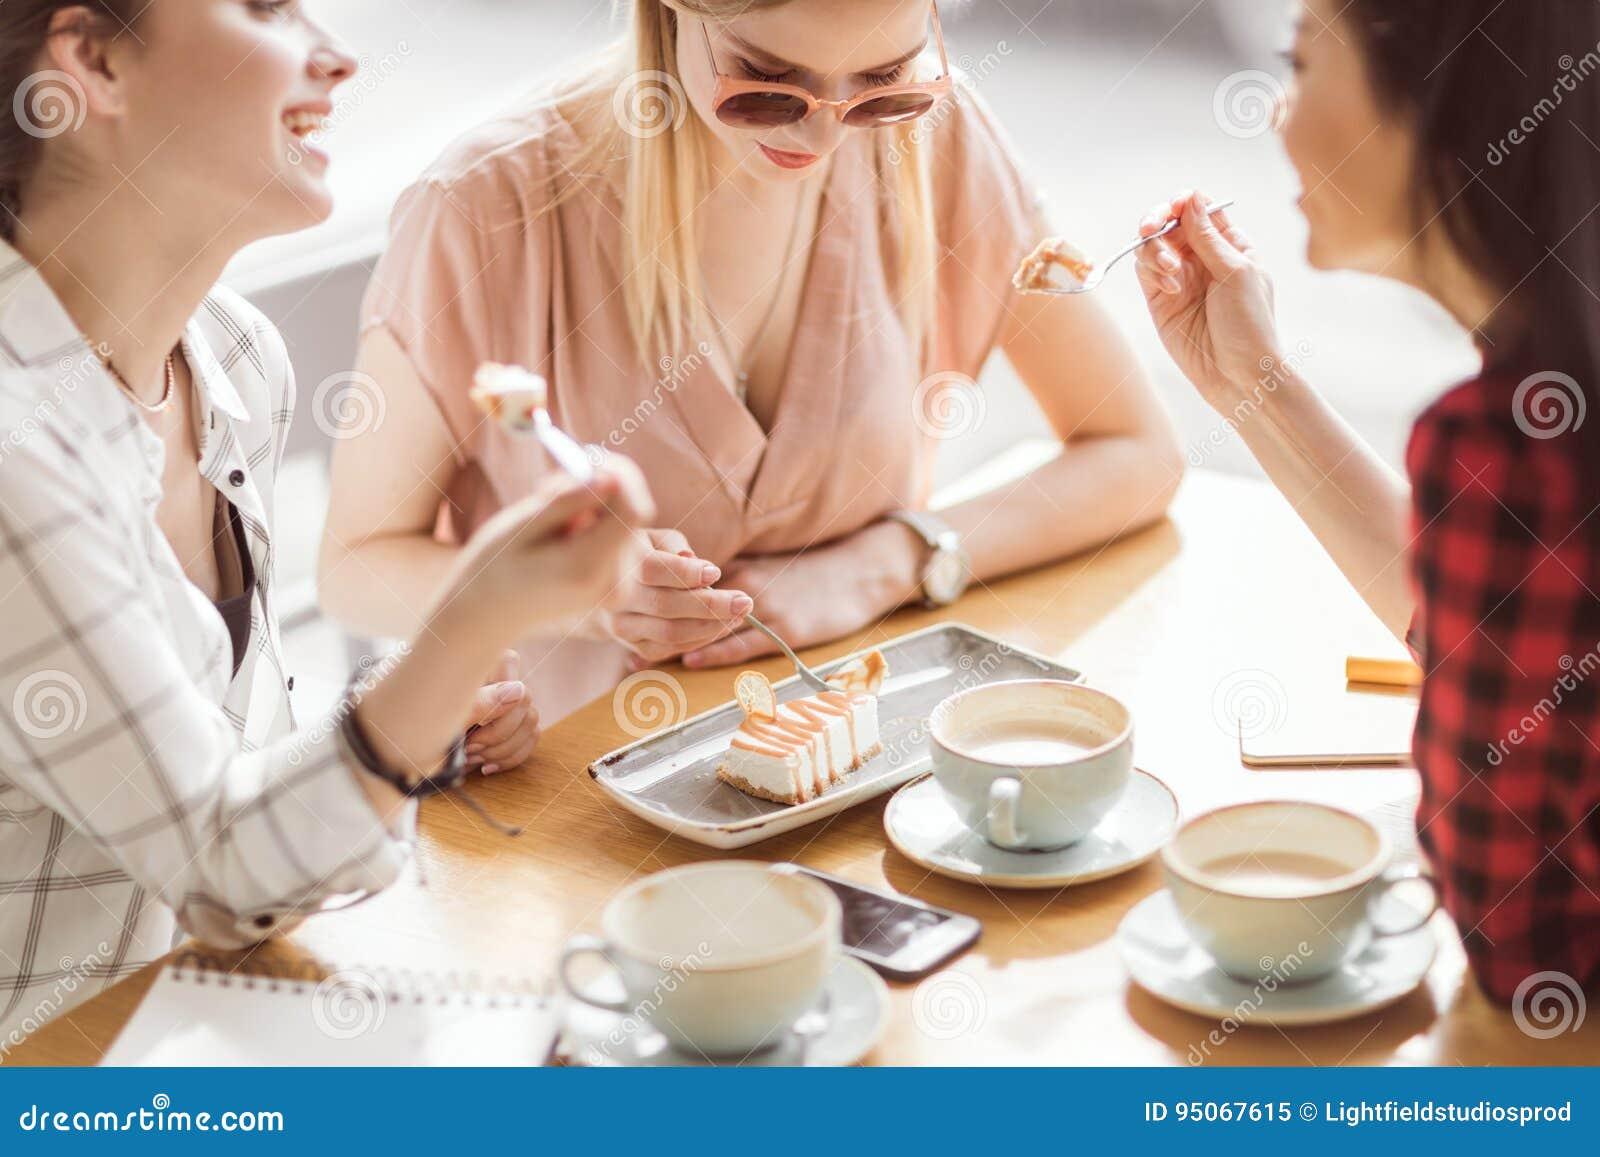 Madchen Die Kuchen Essen Und Kaffee Am Cafe Kaffeepause Trinken